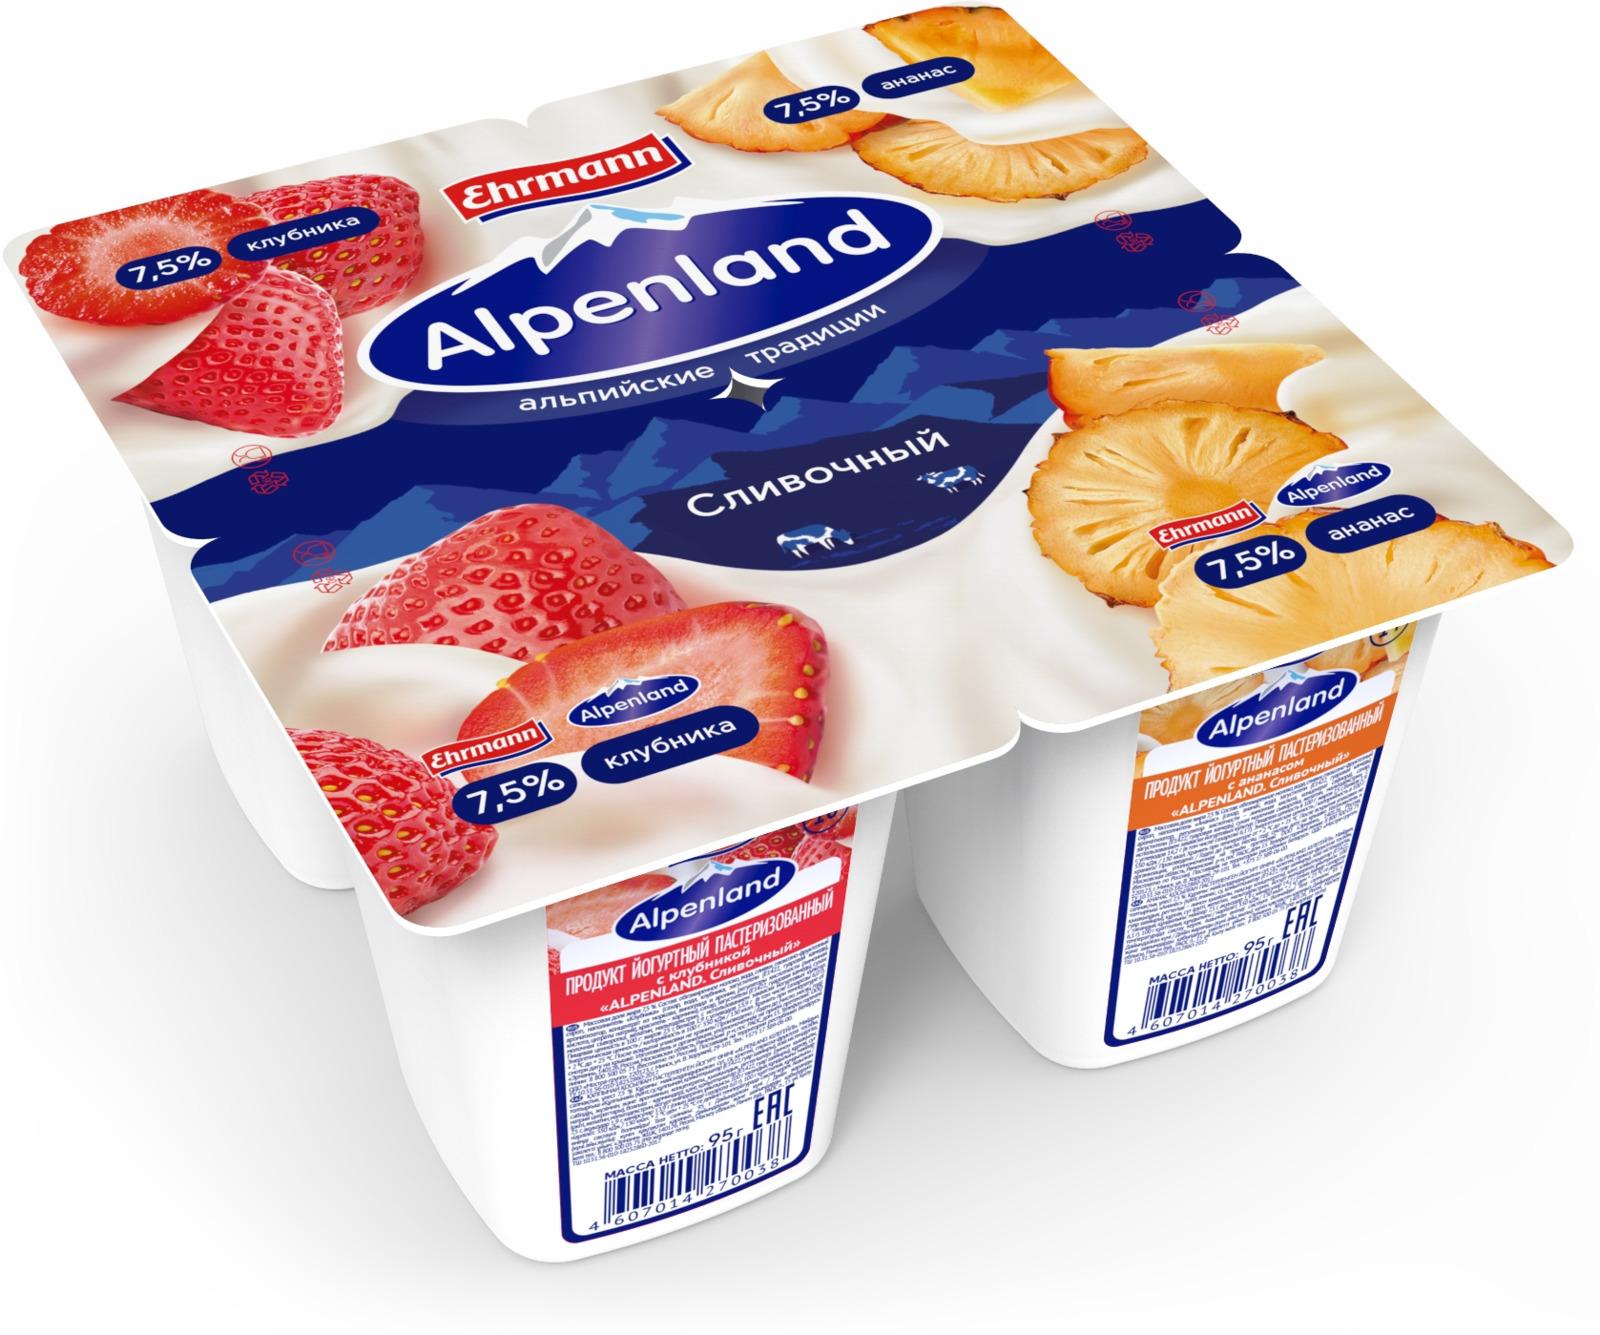 полезное утро продукт овсяный ферментированный клубника 120 г Йогуртный продукт Alpenland, клубника, ананас, 7,5%, 95 г